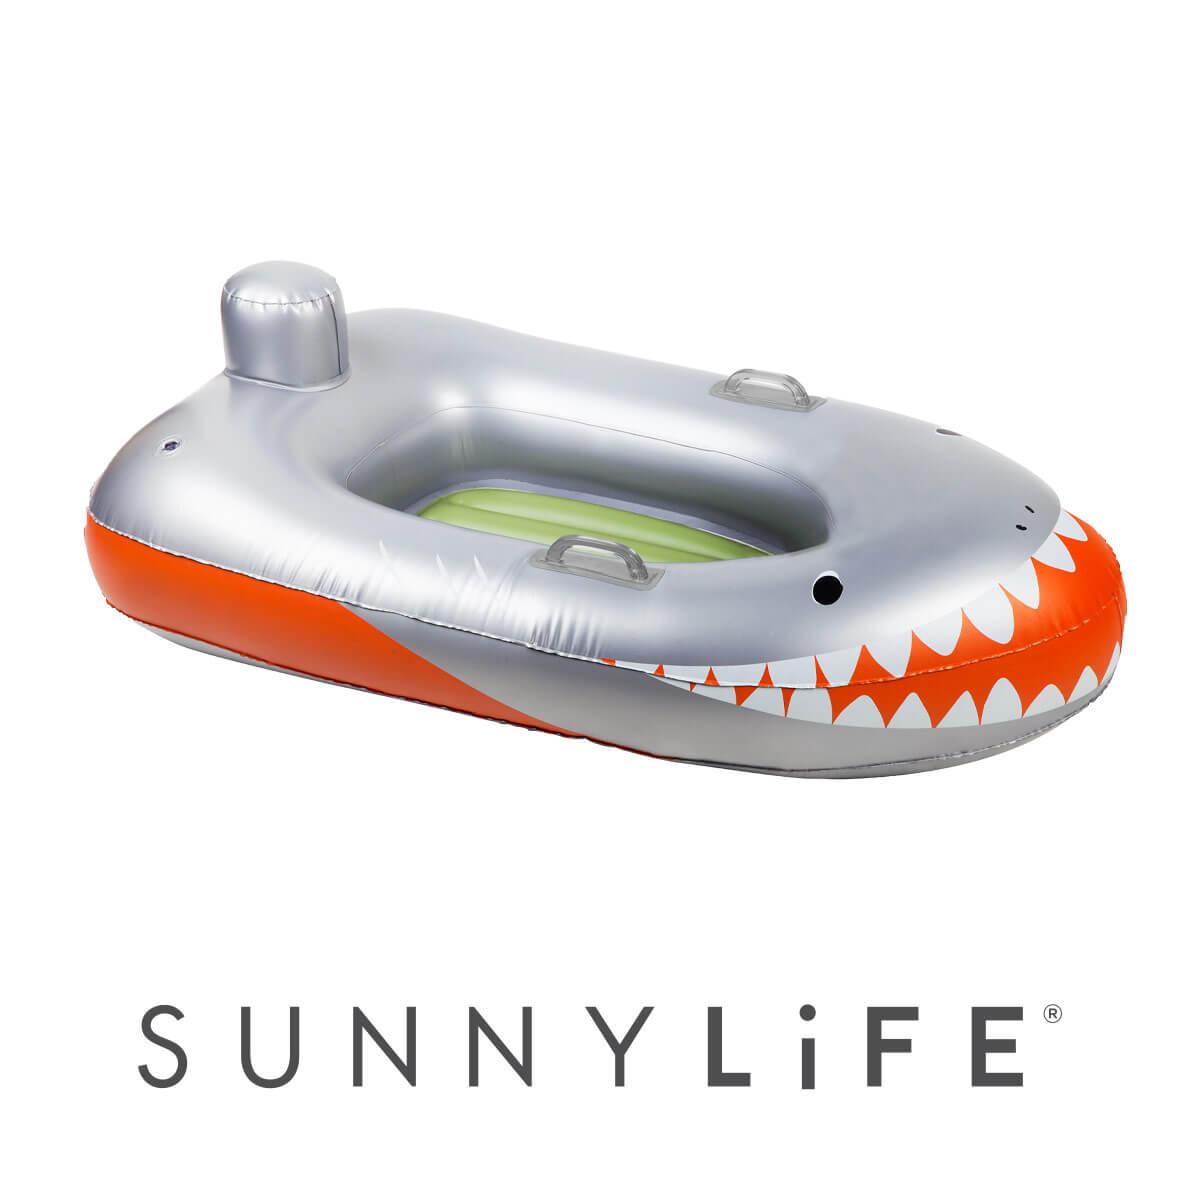 SUNNY LIFE ボートフロートシャークアタック ボート 浮き輪 サメ 海外品 マリンスポーツ ビーチ サニーライフ フロート プール 新作続 インスタ映え オープニング 大放出セール 持ち運び 海水浴 アウトドア